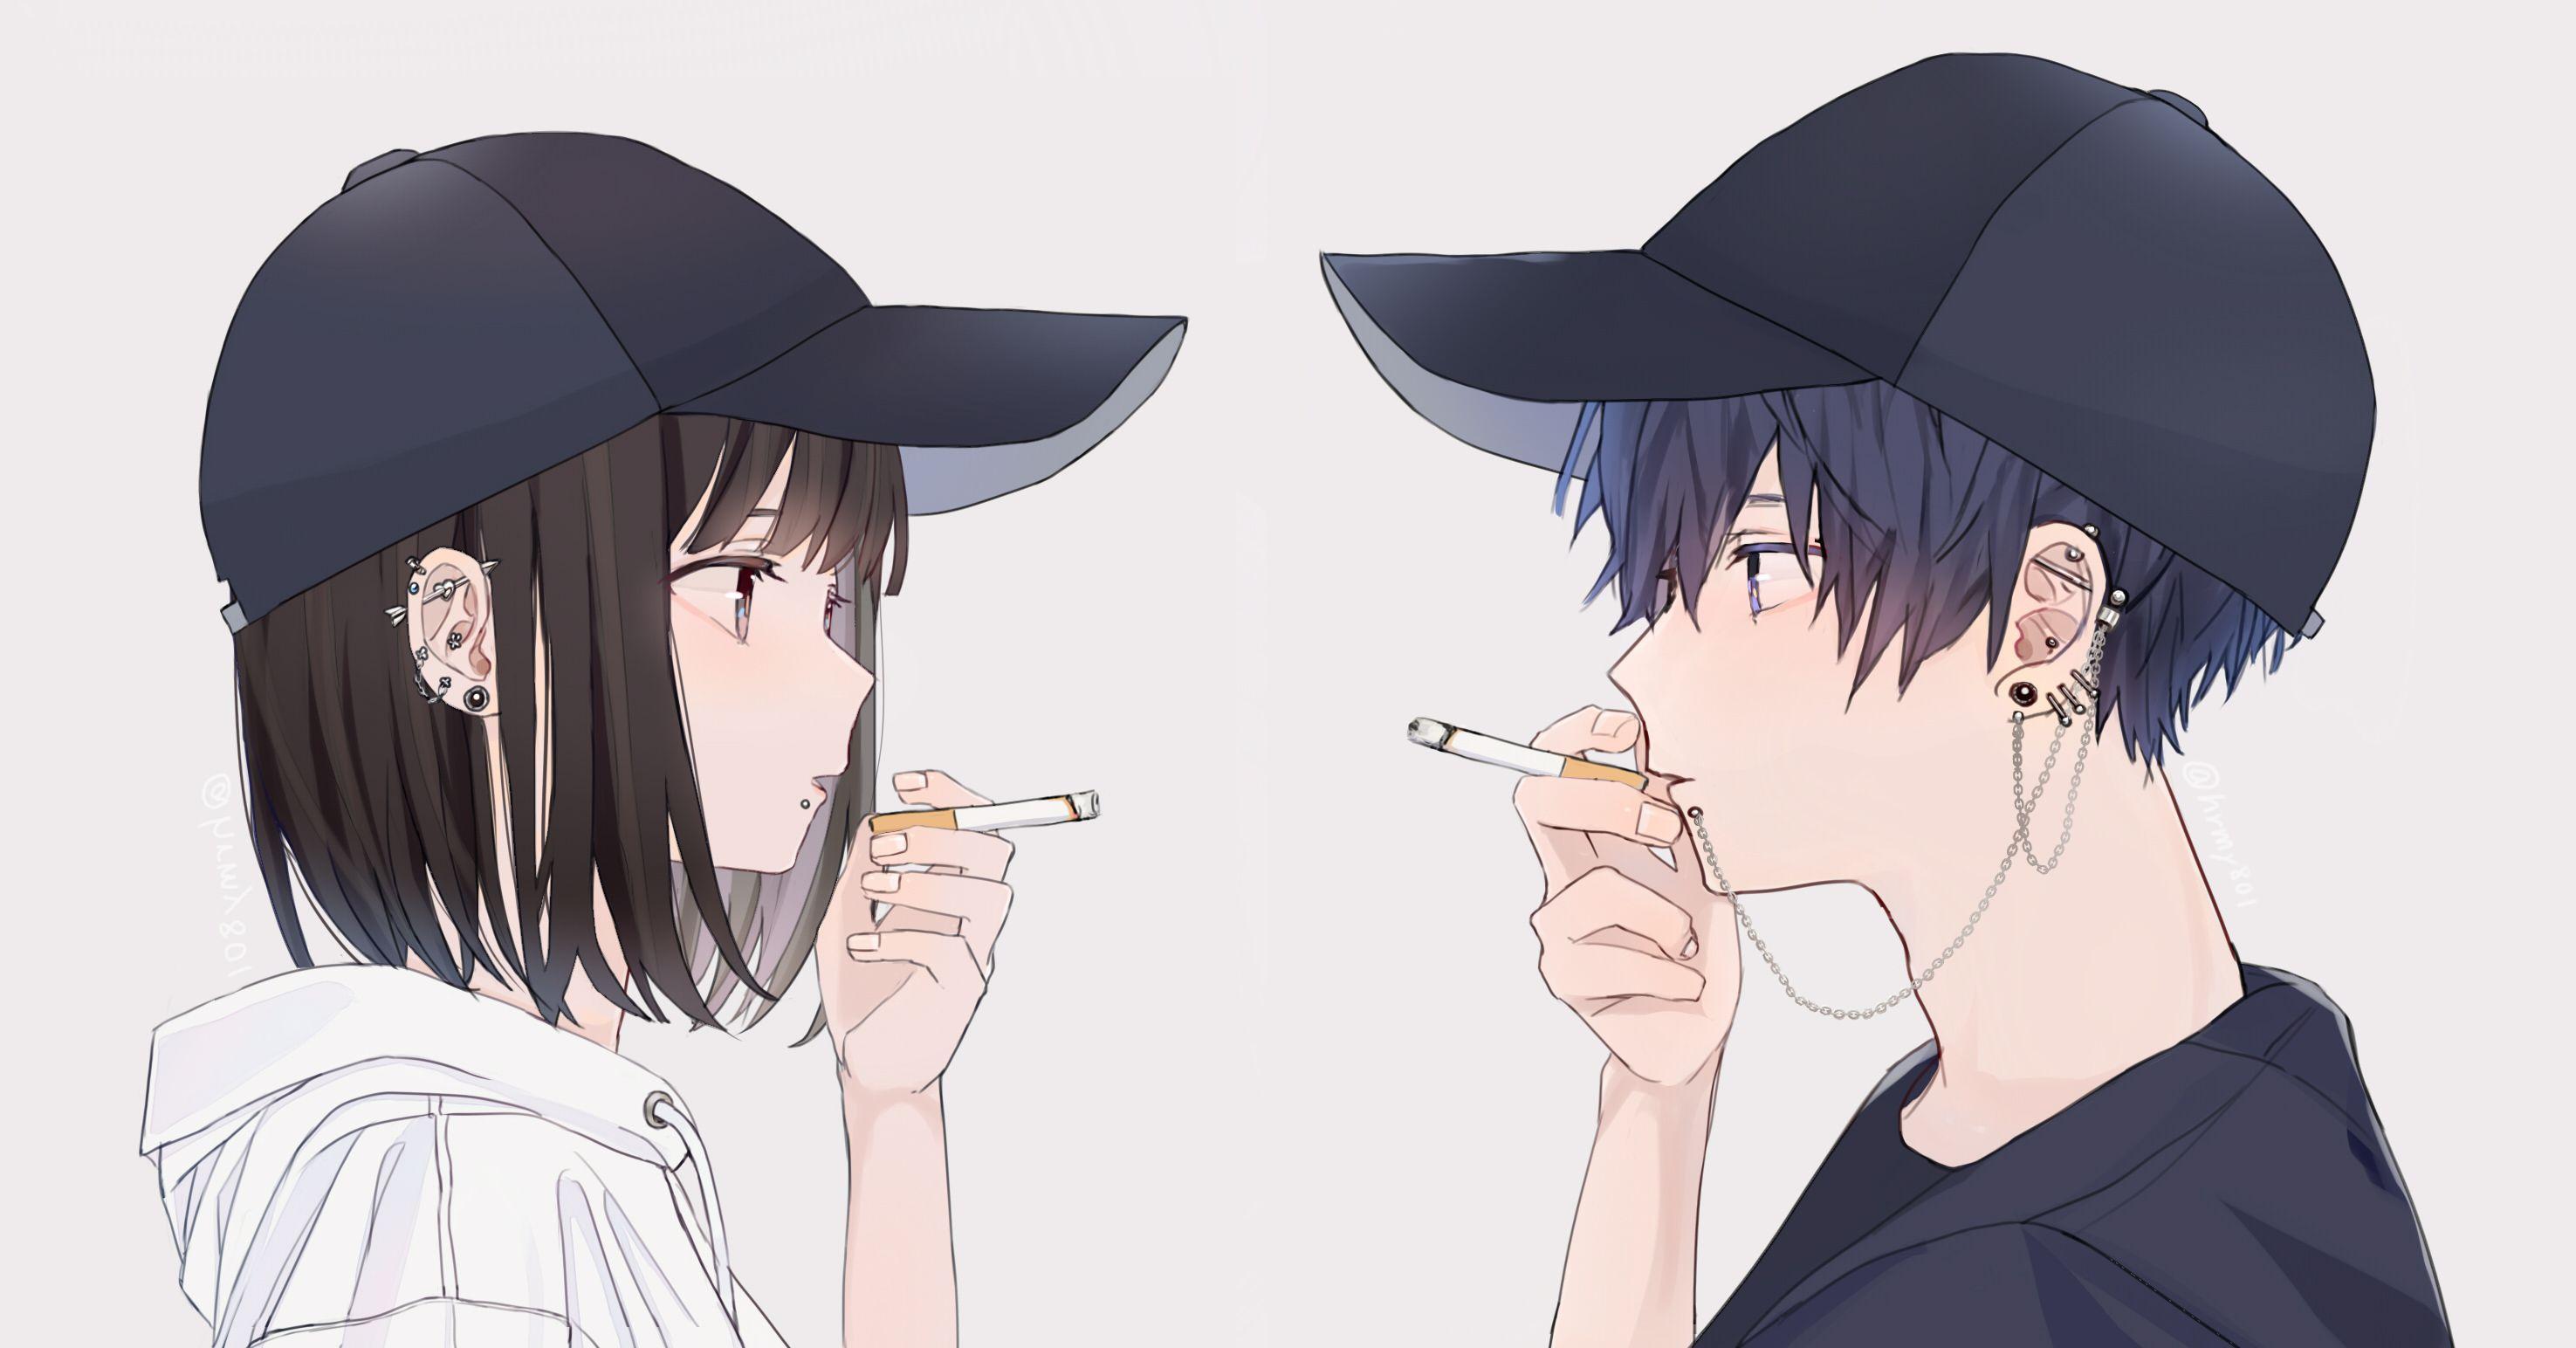 View And Download This 2951x1544 Pixiv Id 34443067 Image With 3 Favorites Or Browse The Gallery Anime Neko Gambar Animasi Kartun Ilustrasi Karakter